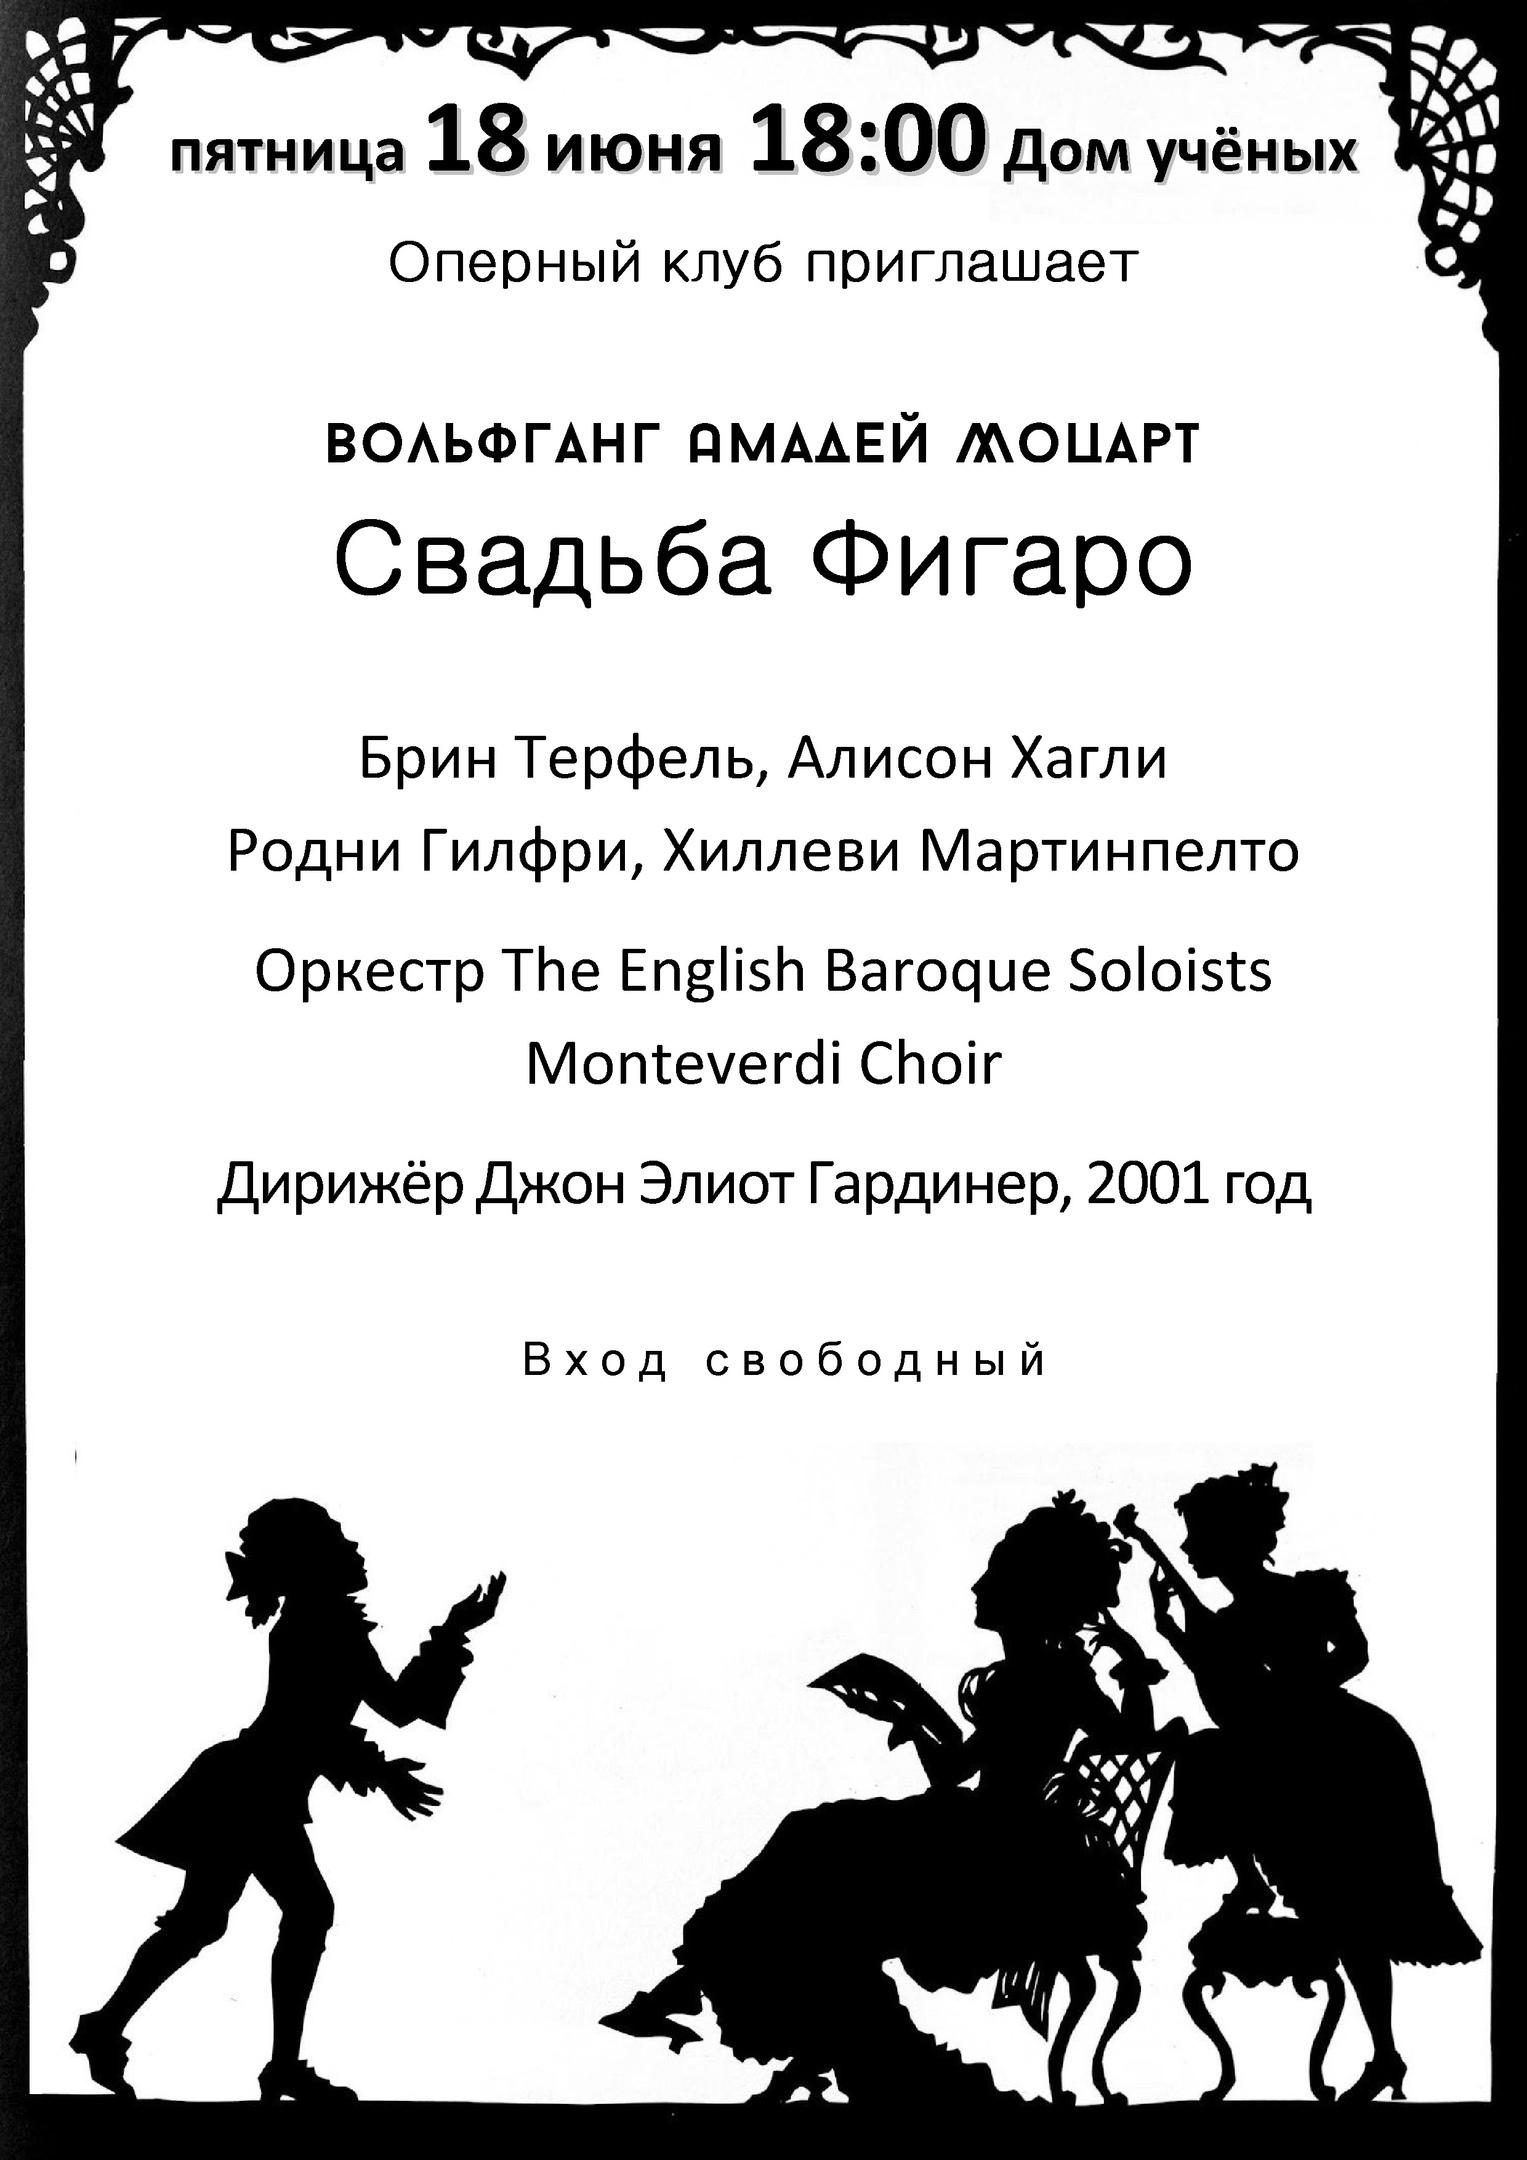 Оперный клуб